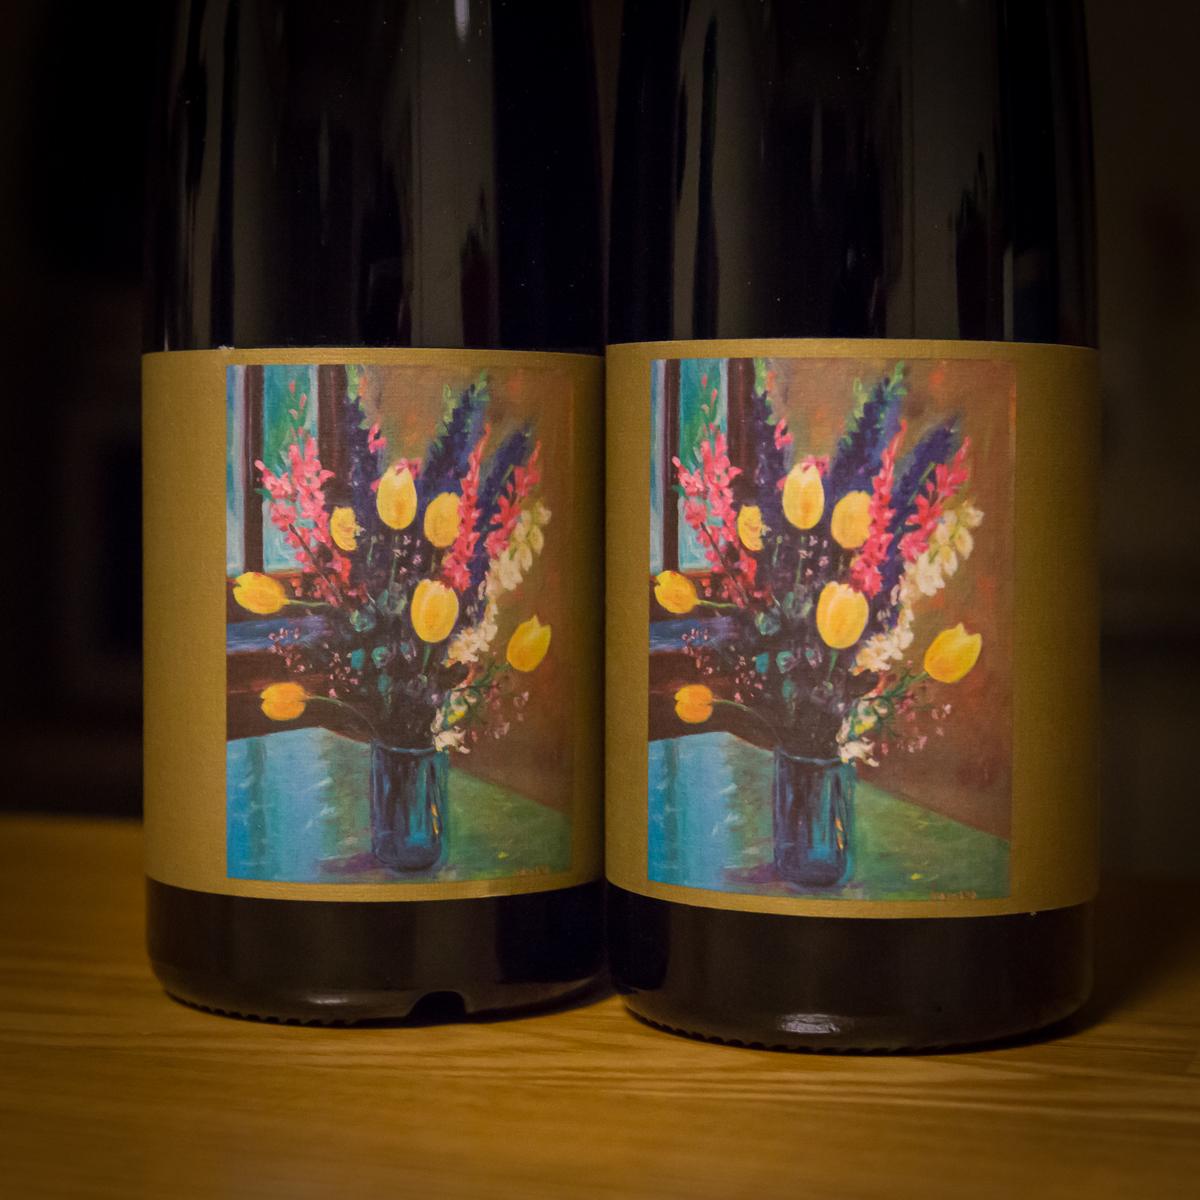 年始呑んだくれワイン(2)